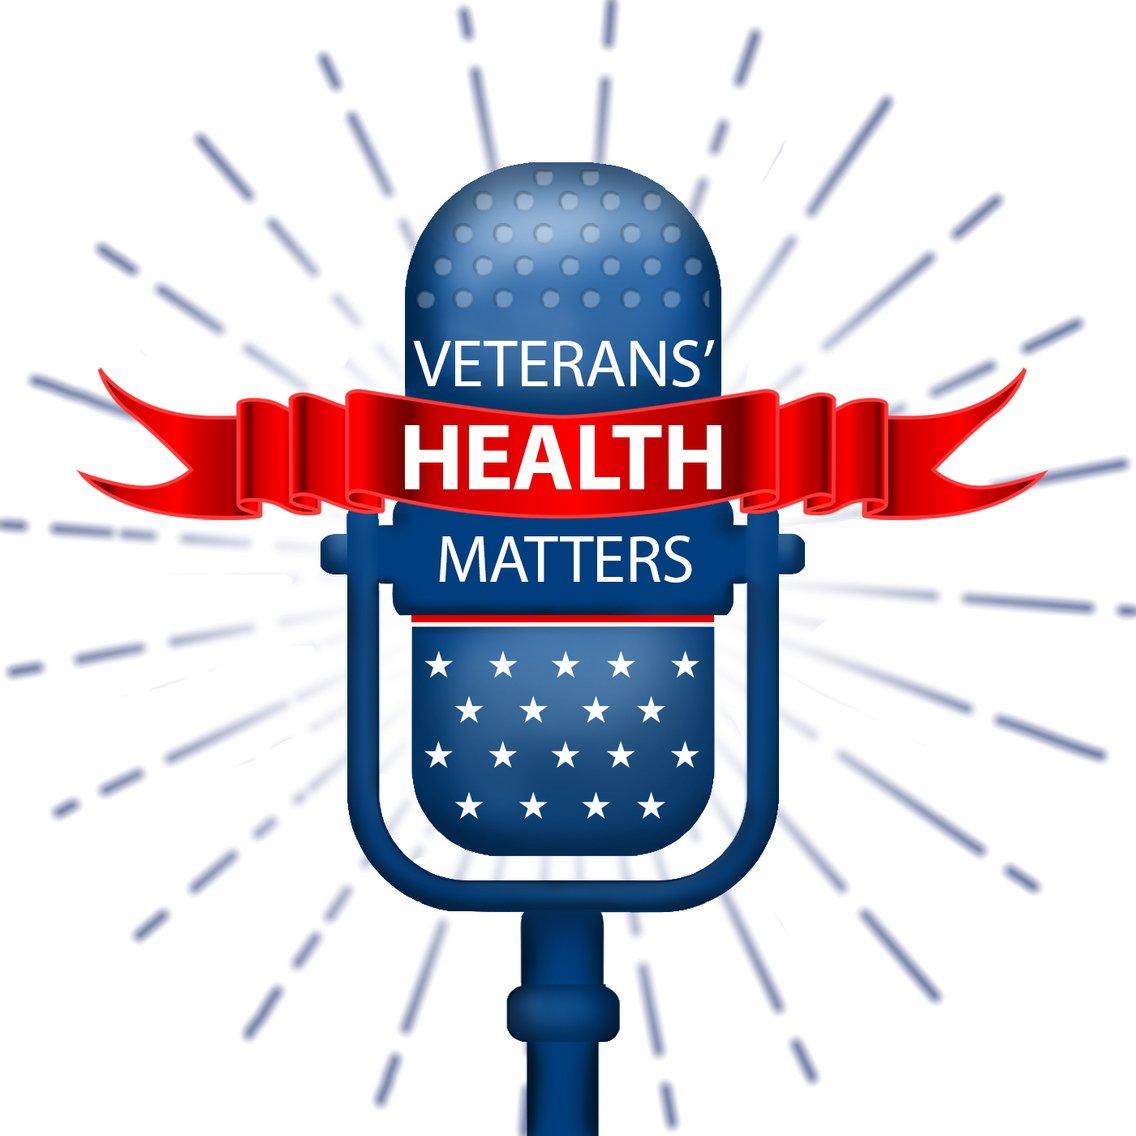 Veterans' Health Matters - immagine di copertina